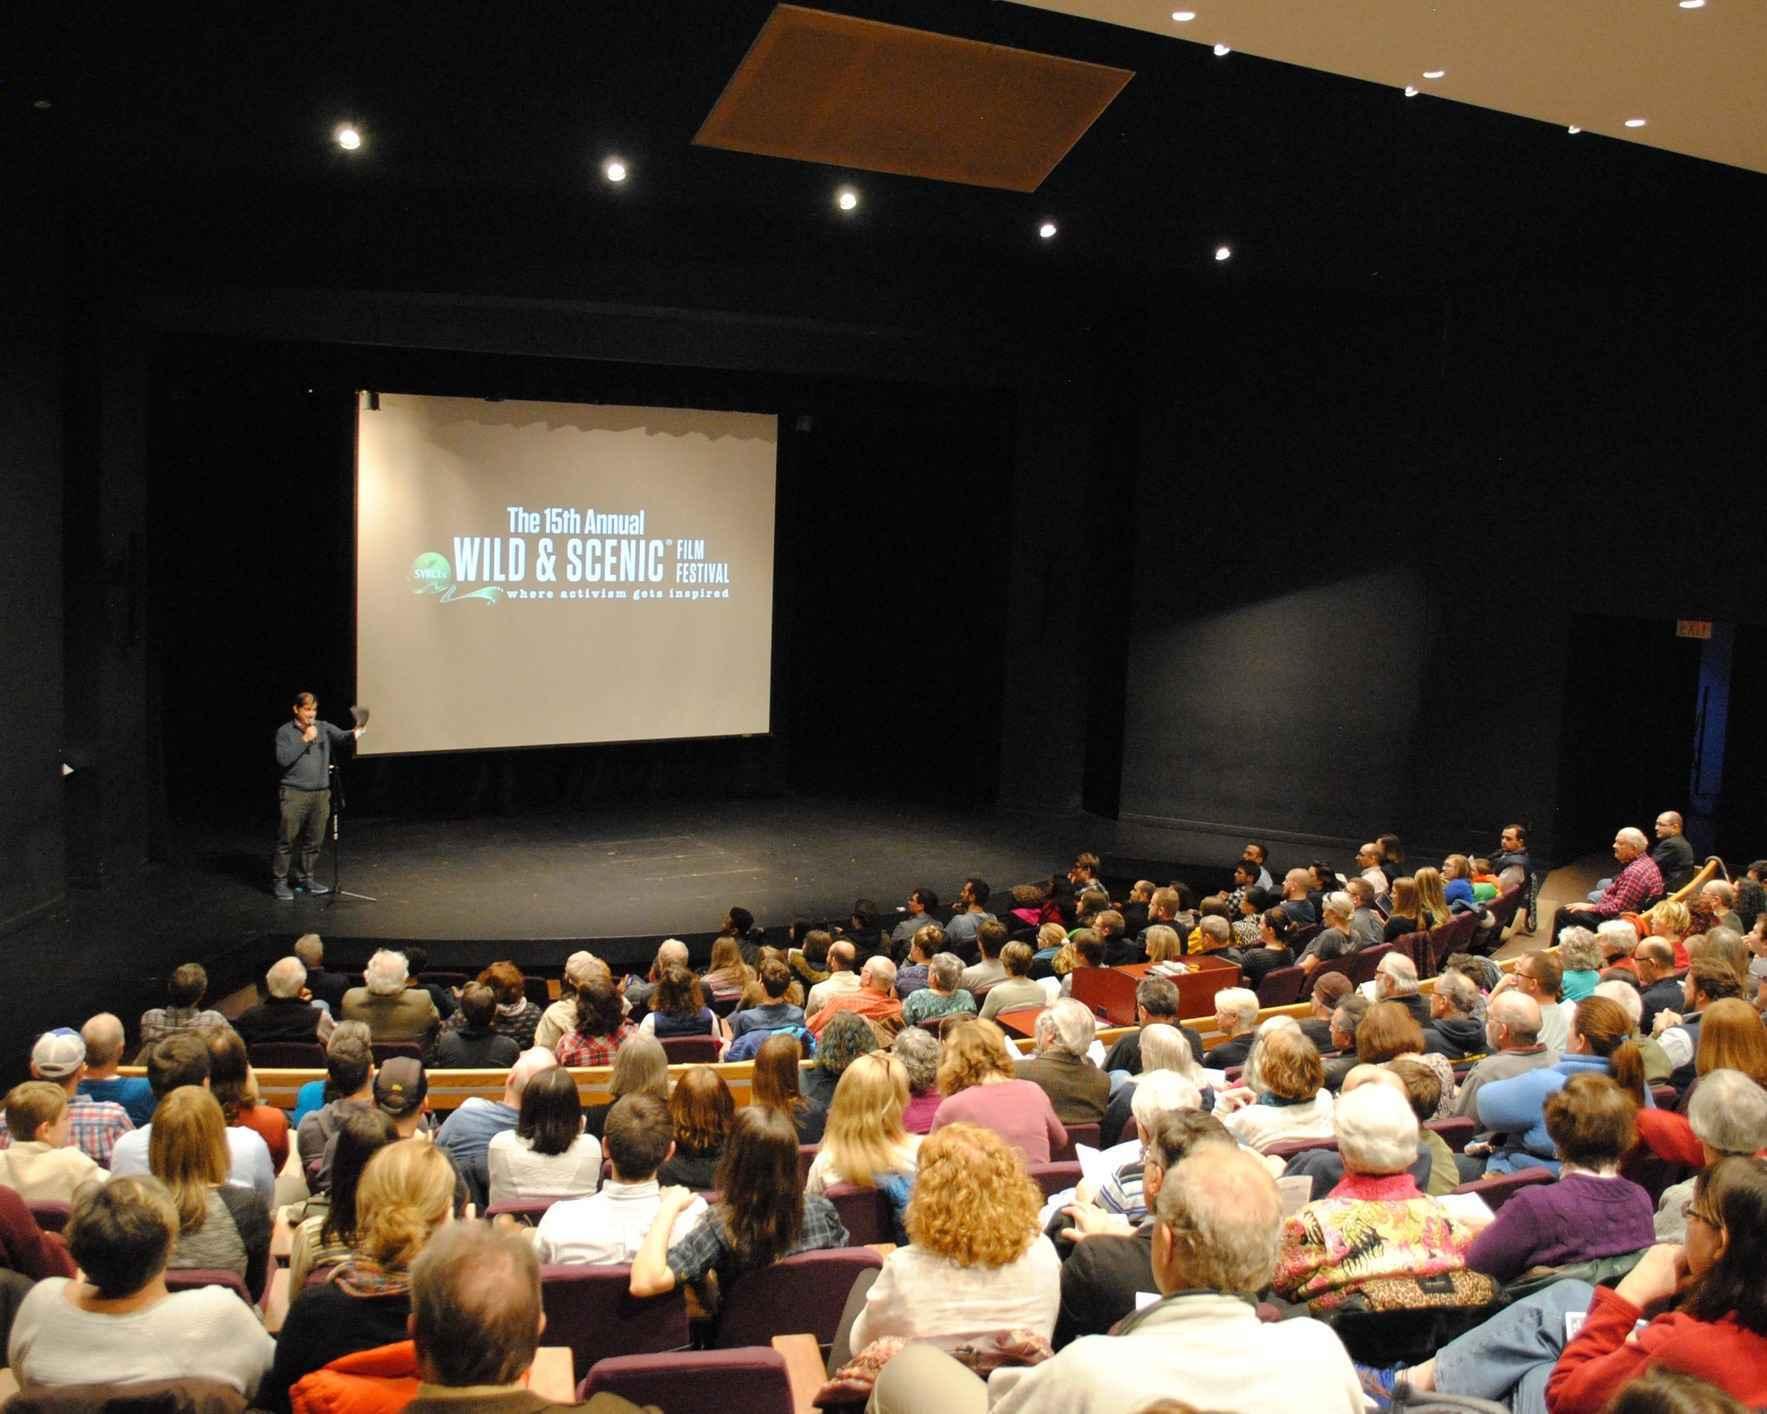 4th Annual Wild & Scenic Film Festival image